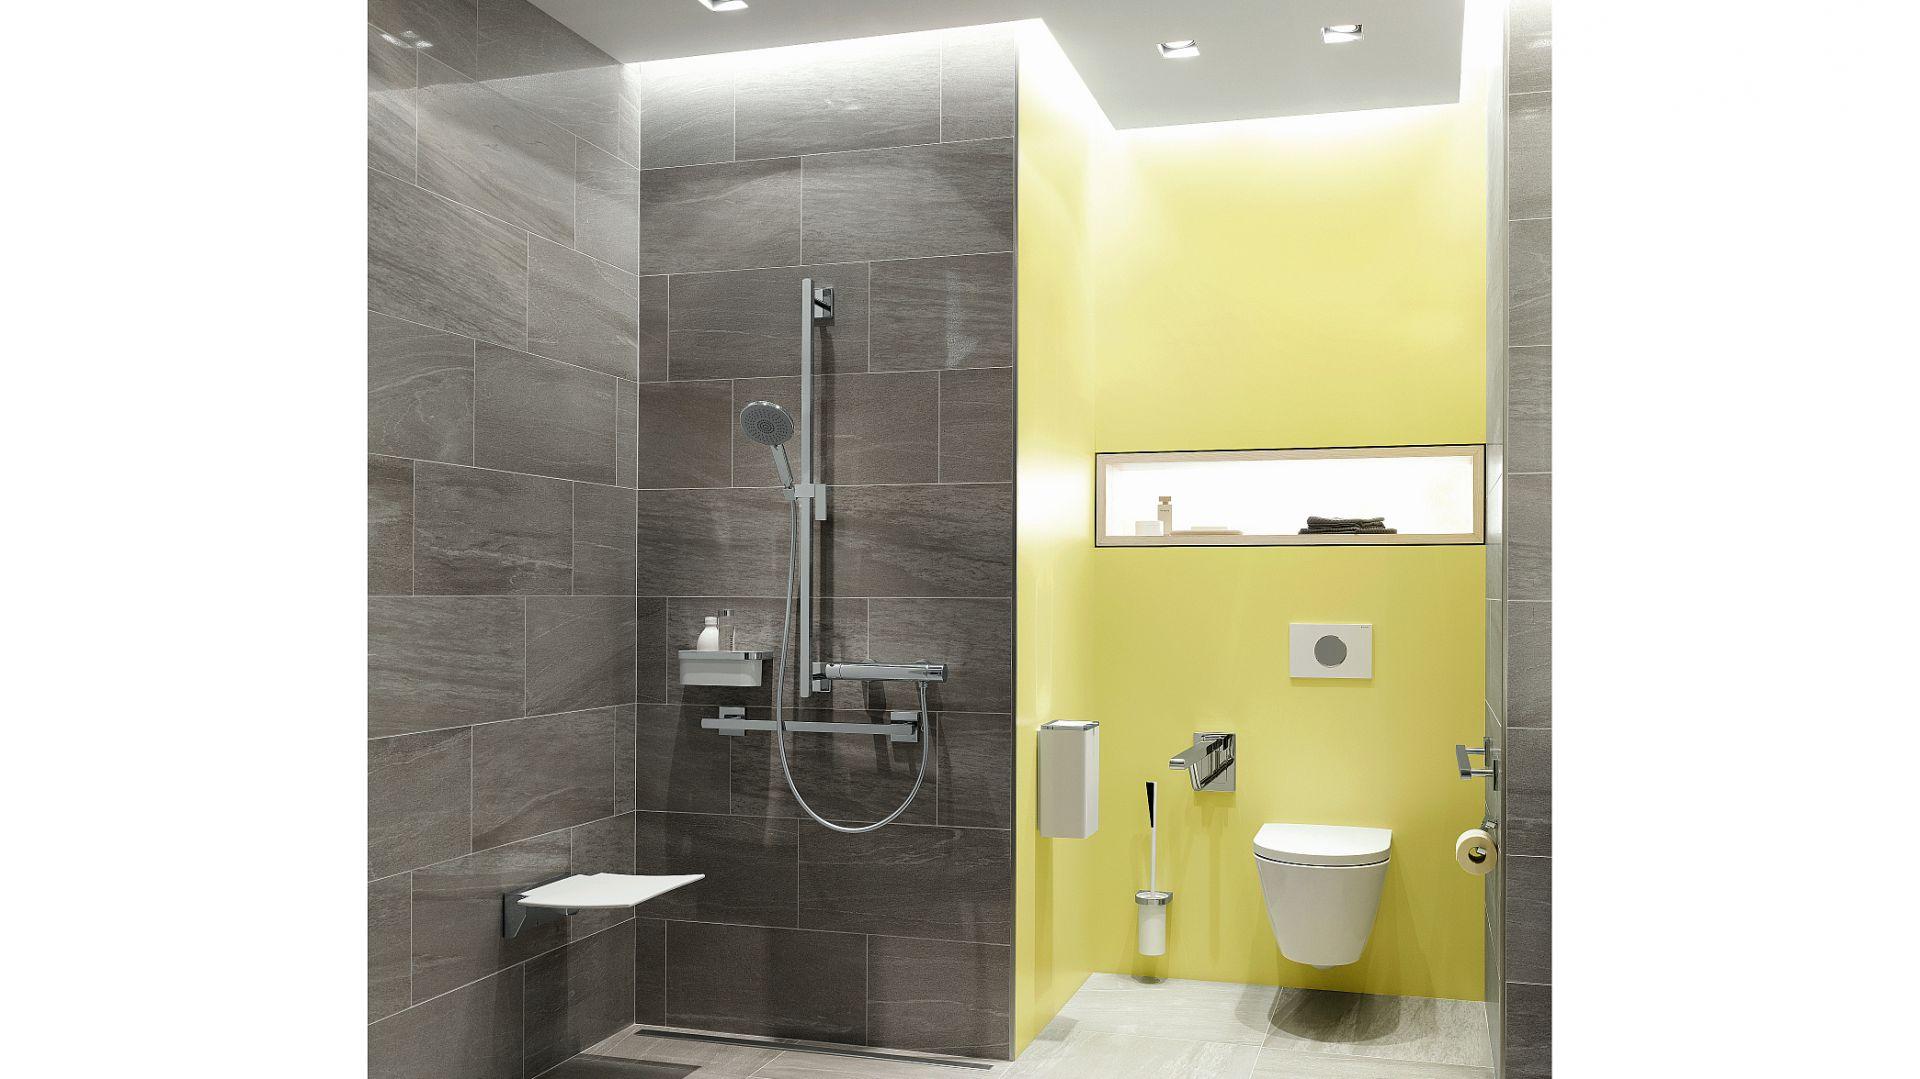 Składana ławeczka prysznicowa 350 montowana do ściany; siedzenie z wysokiej jakości poliamidu wzmocnionego włóknem szklanym. Maksymalne obciążenie 150 kg. Cena: 350 euro. Fot. Hewi